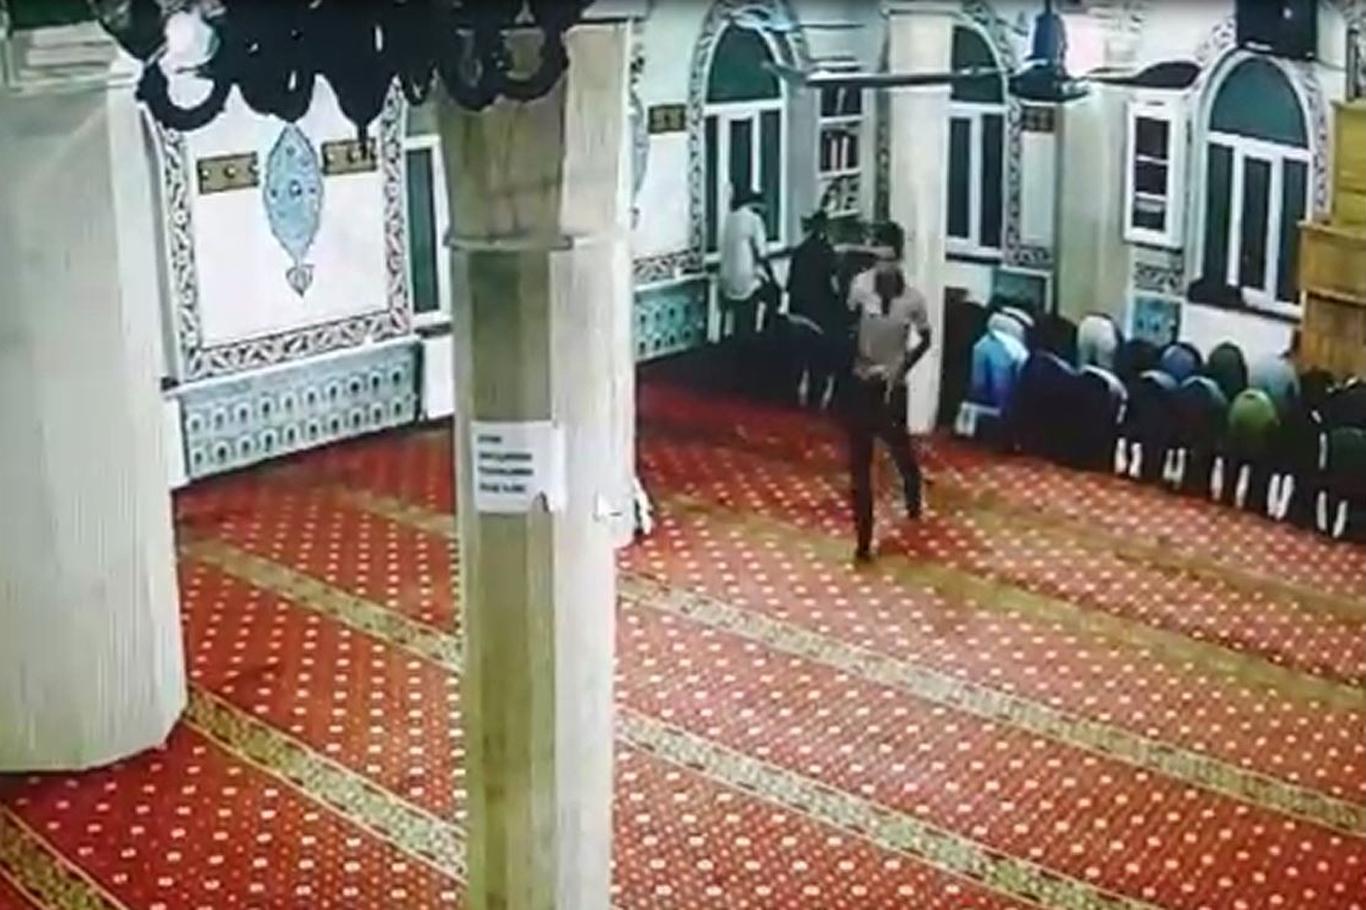 Diyarbakır'da Abdulcelil Camii'ndeki hırsızlık girişimi kameralara yansıdı